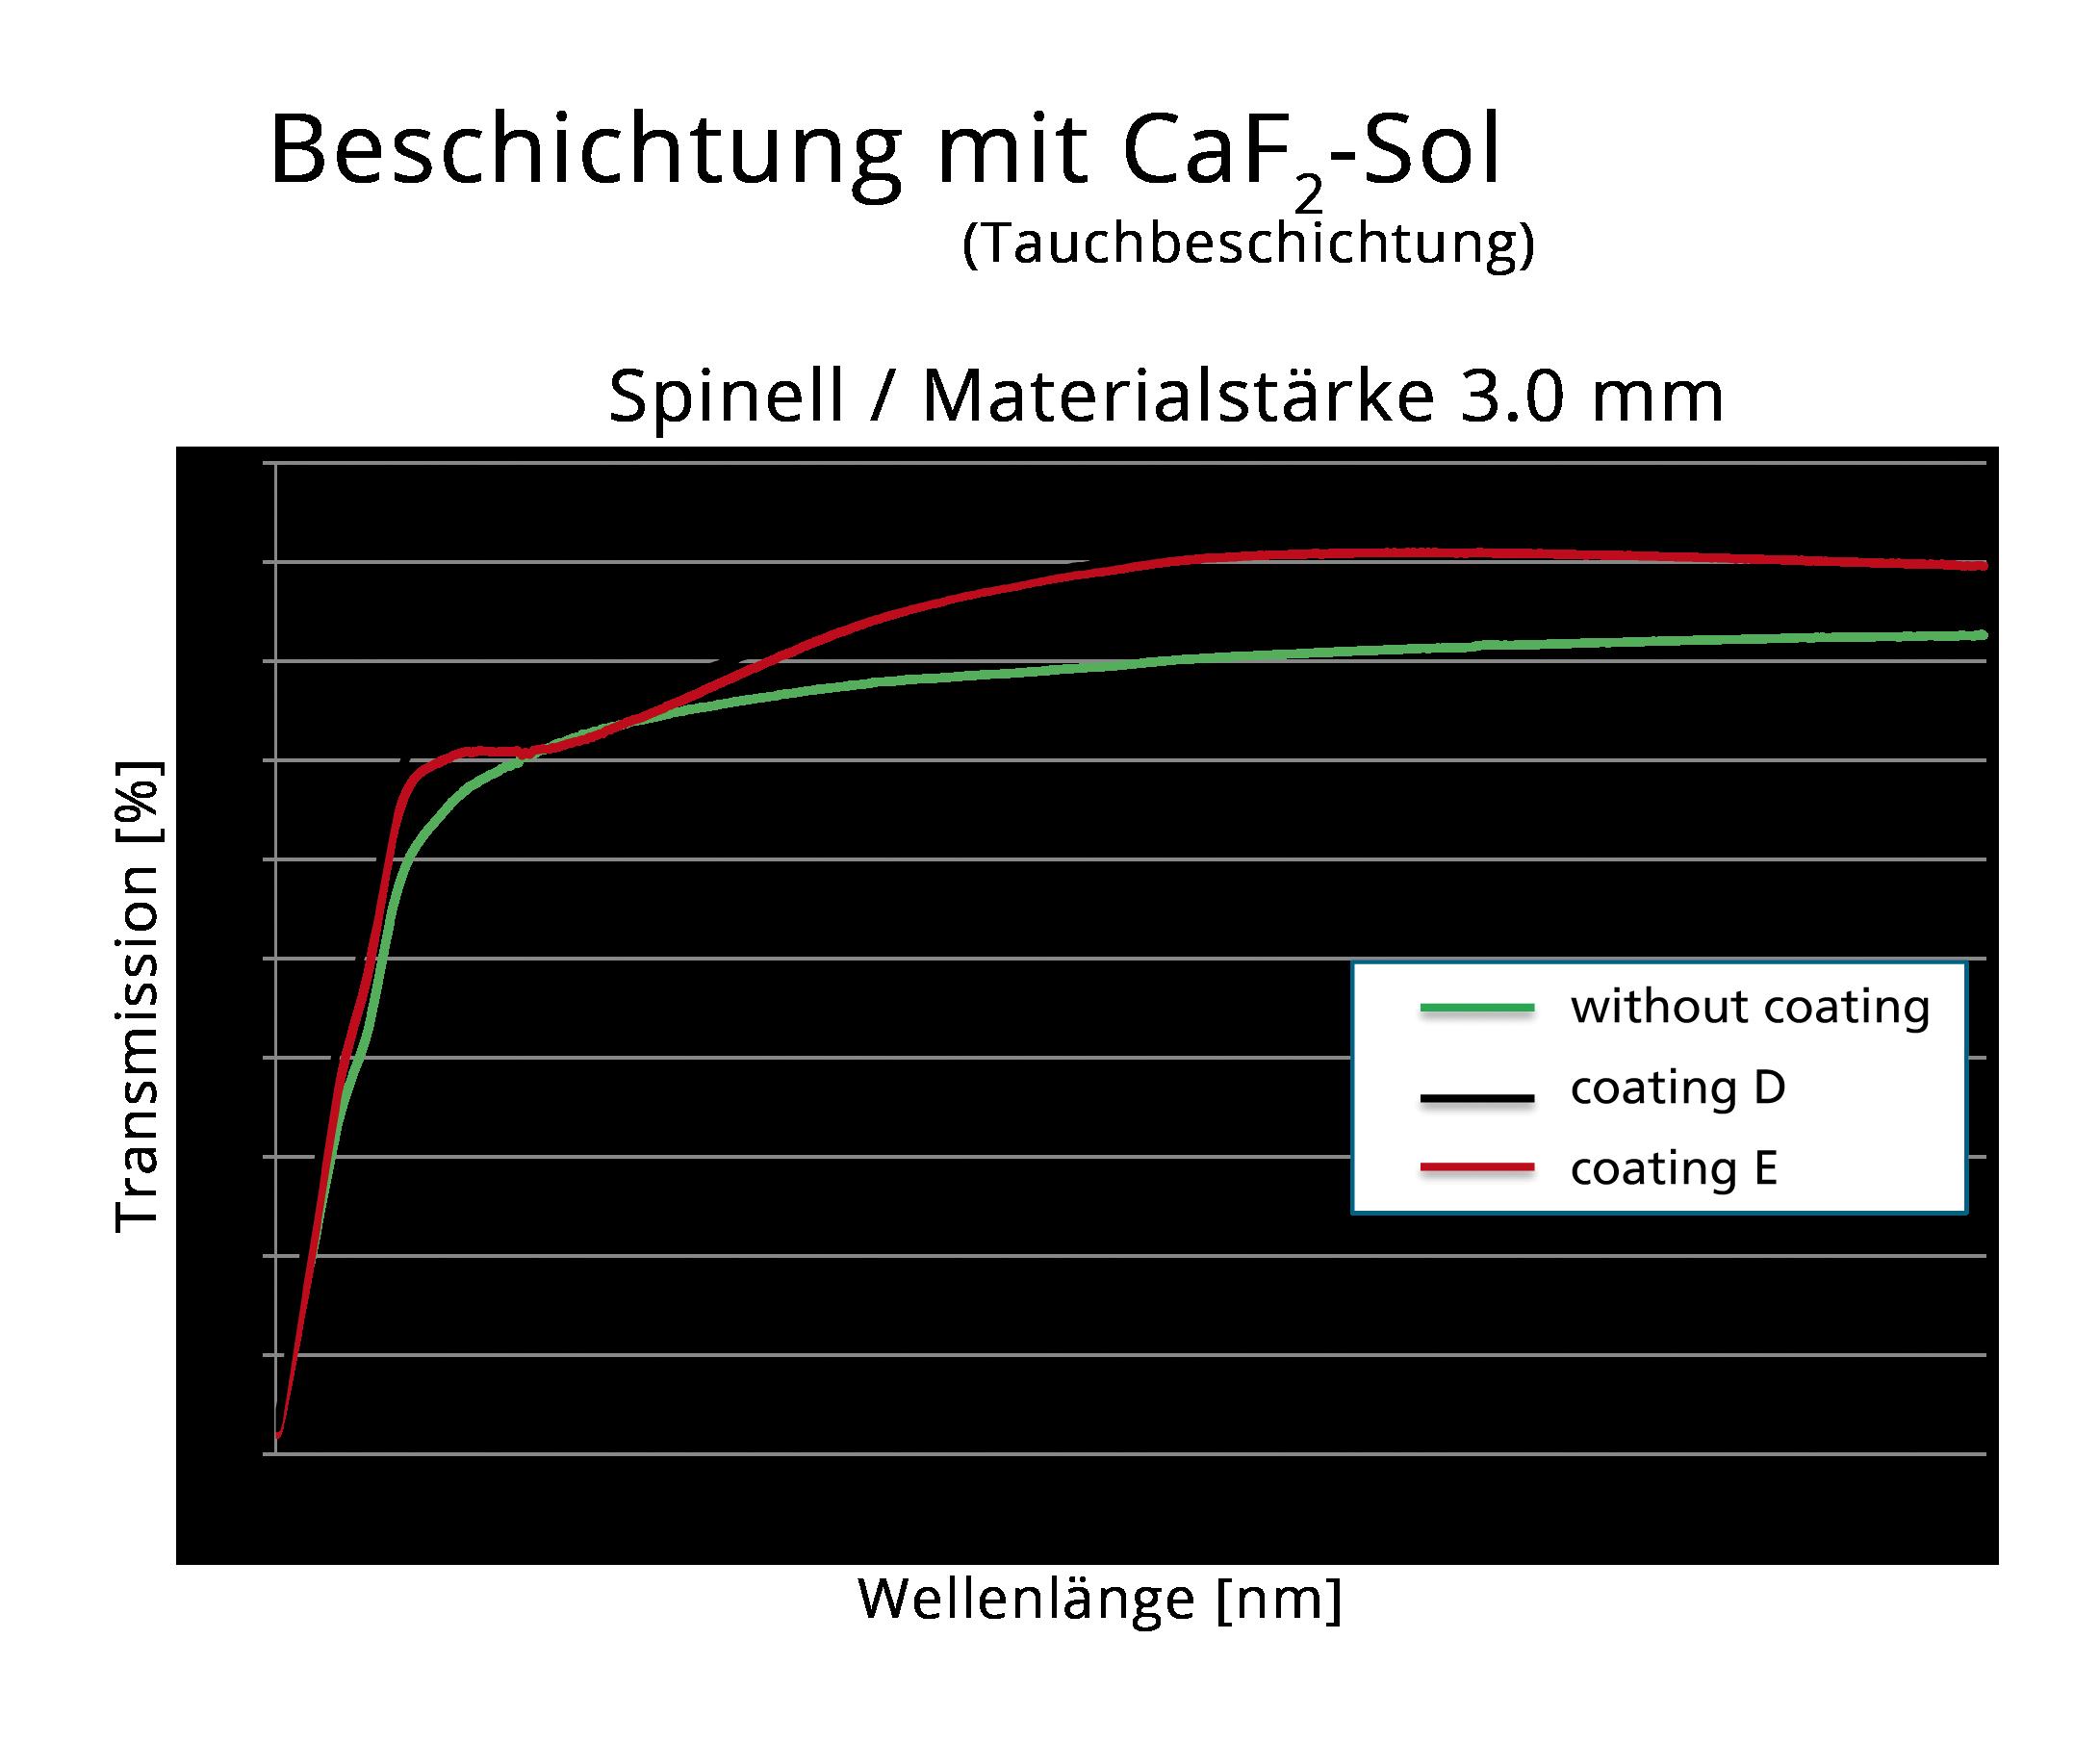 Abbildung 5: Beschichtung mit CaF<sub>2</sub>-Sol